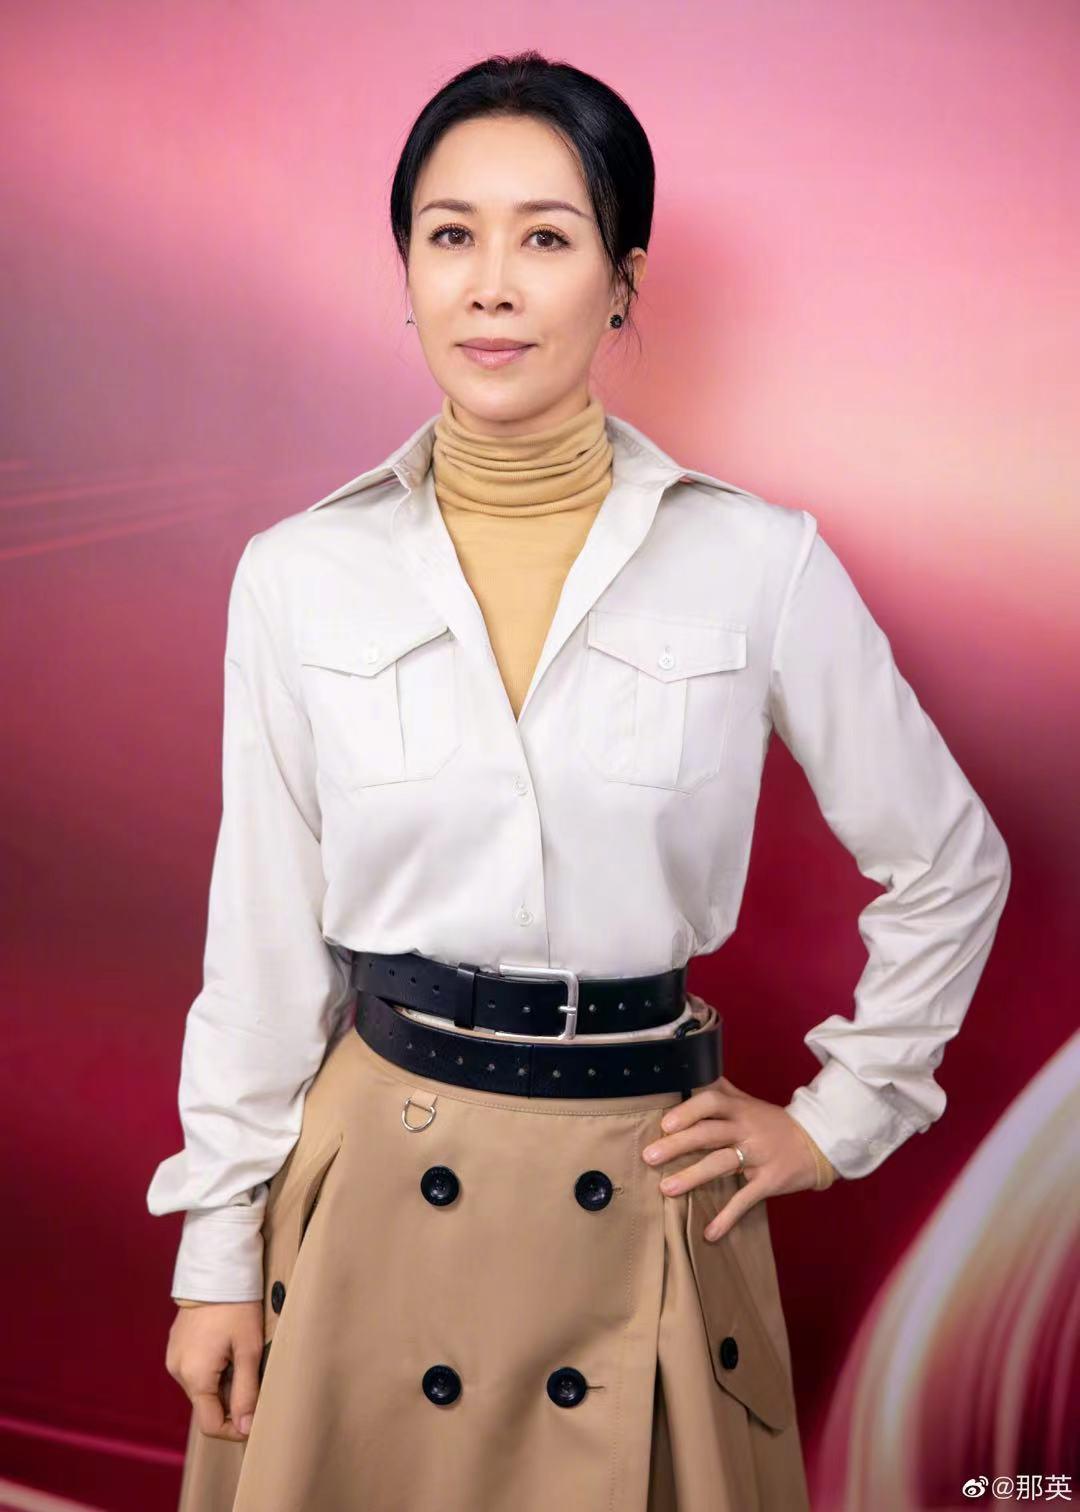 央视五一晚会众星阵容:毛晓彤美、那英土、汪峰认不出